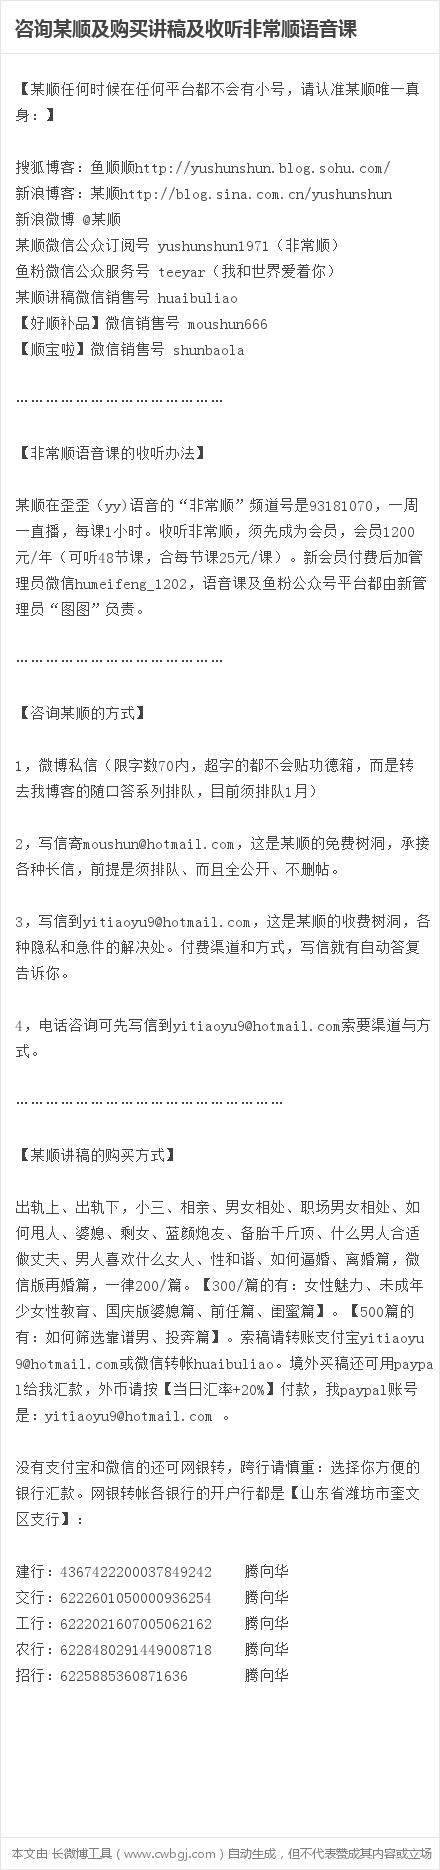 微顺口答四六零 - yushunshun - 鱼顺顺的博客